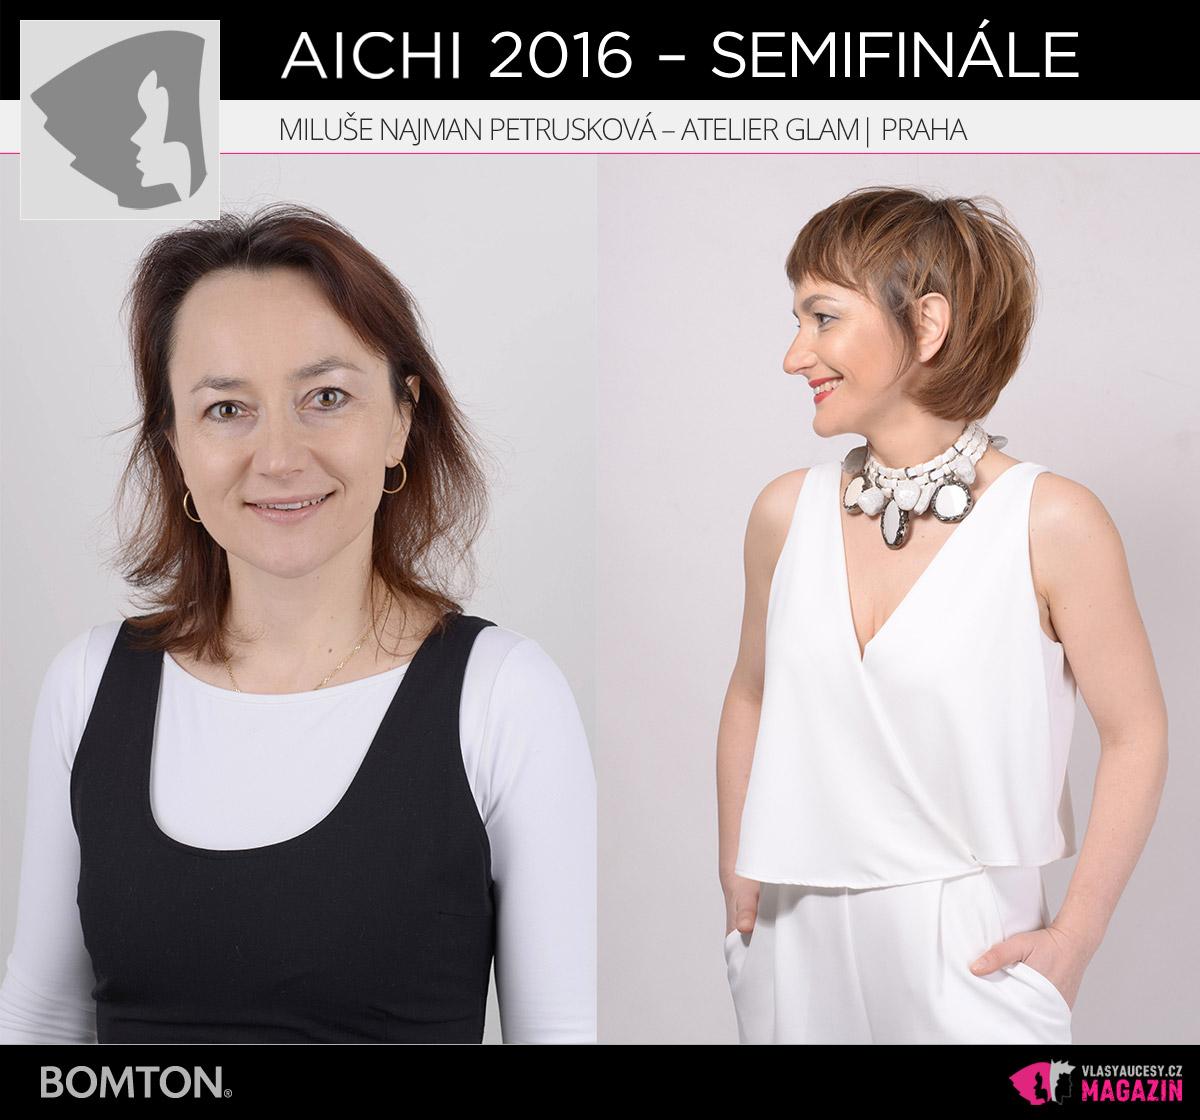 Nominační proměna AICHI 2016: Miluše Najman Petrušková, Atelier Glam, Praha